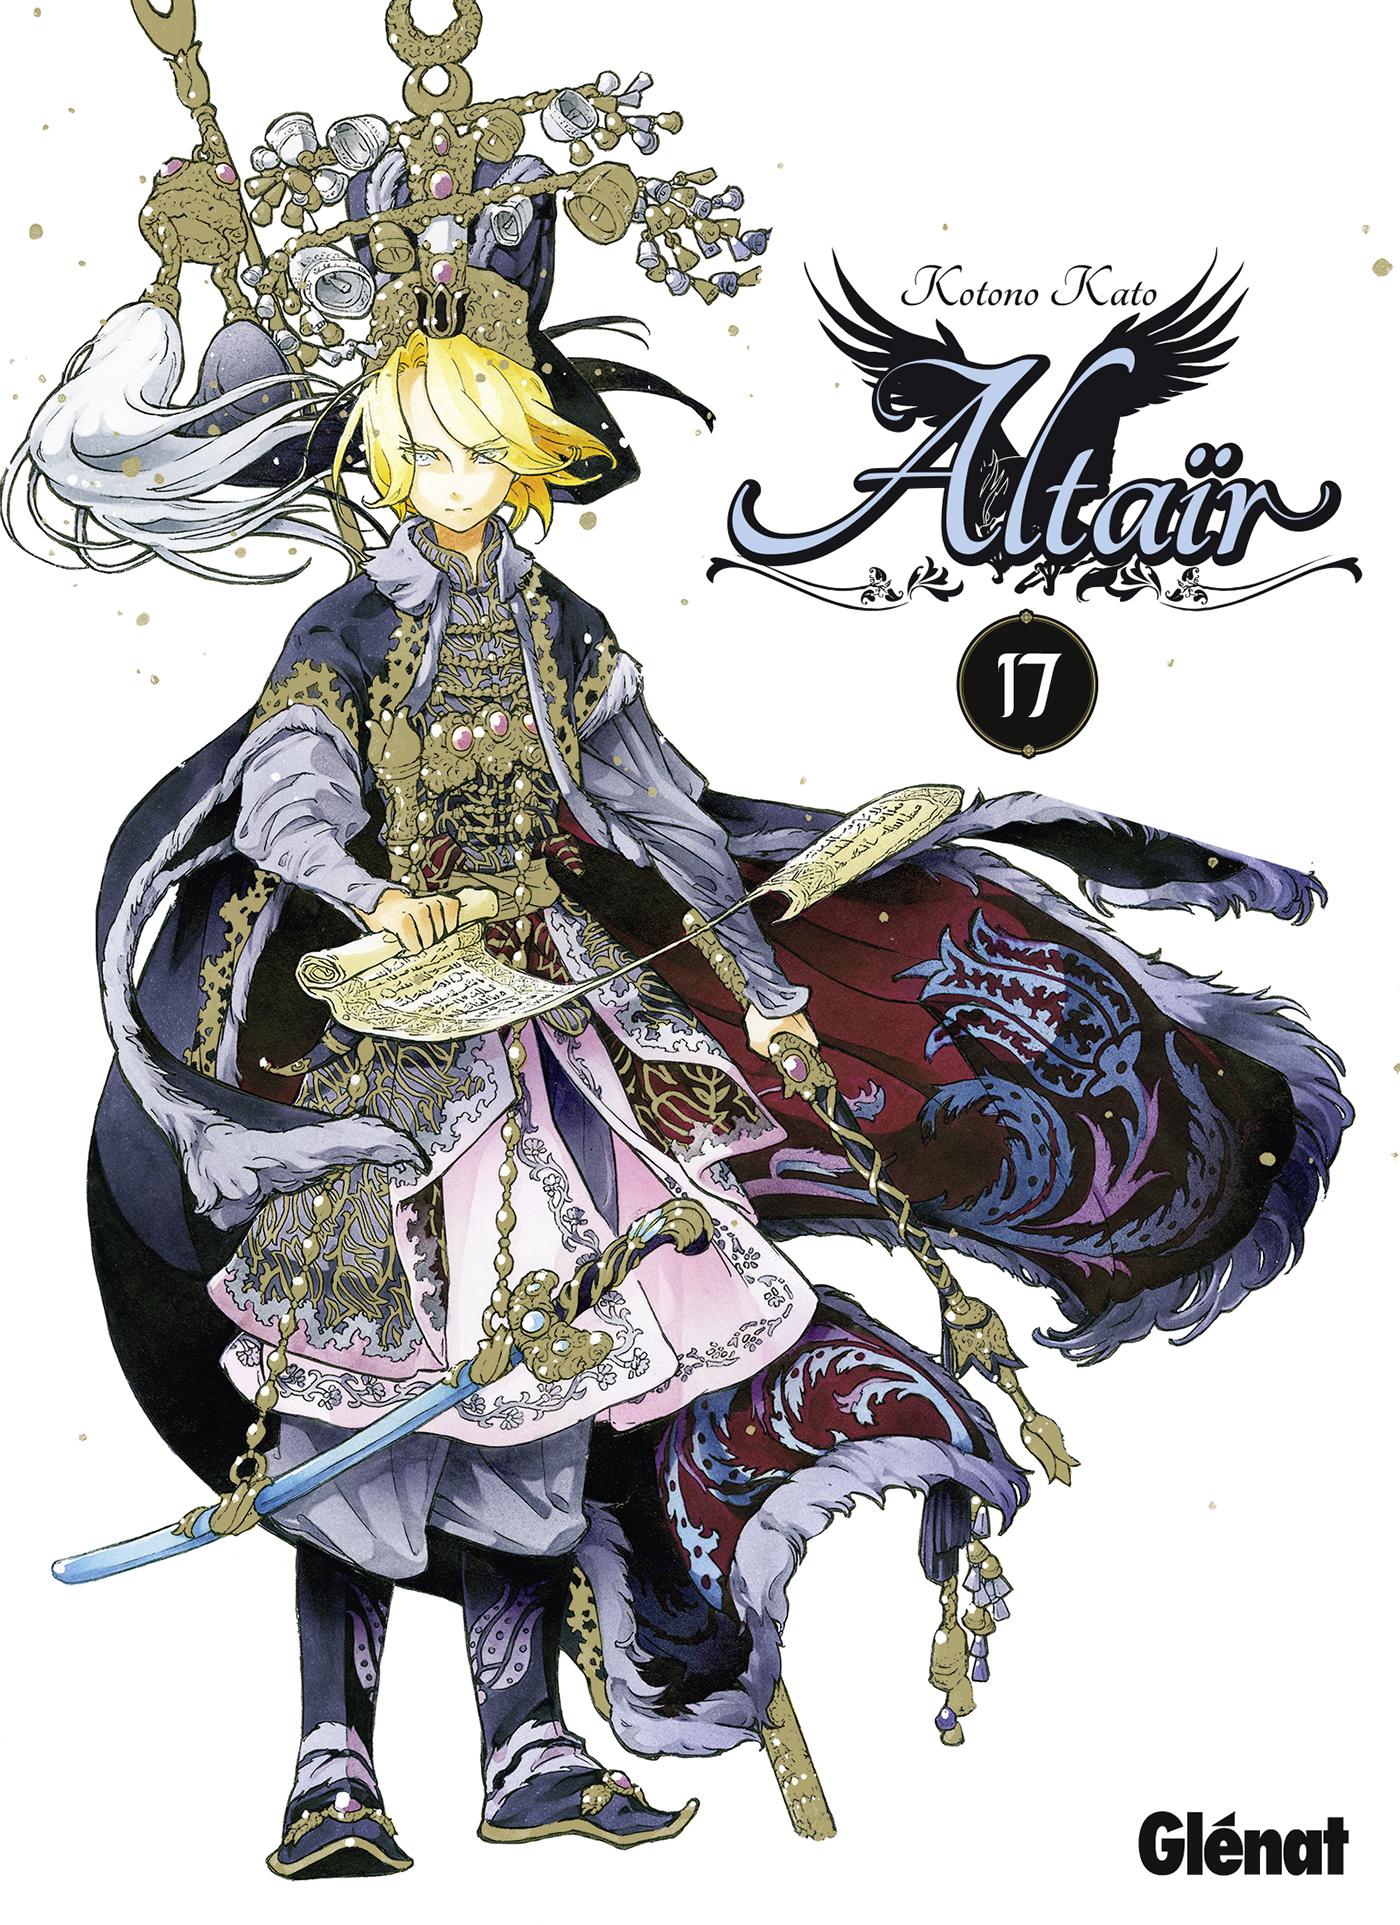 Altaïr 17